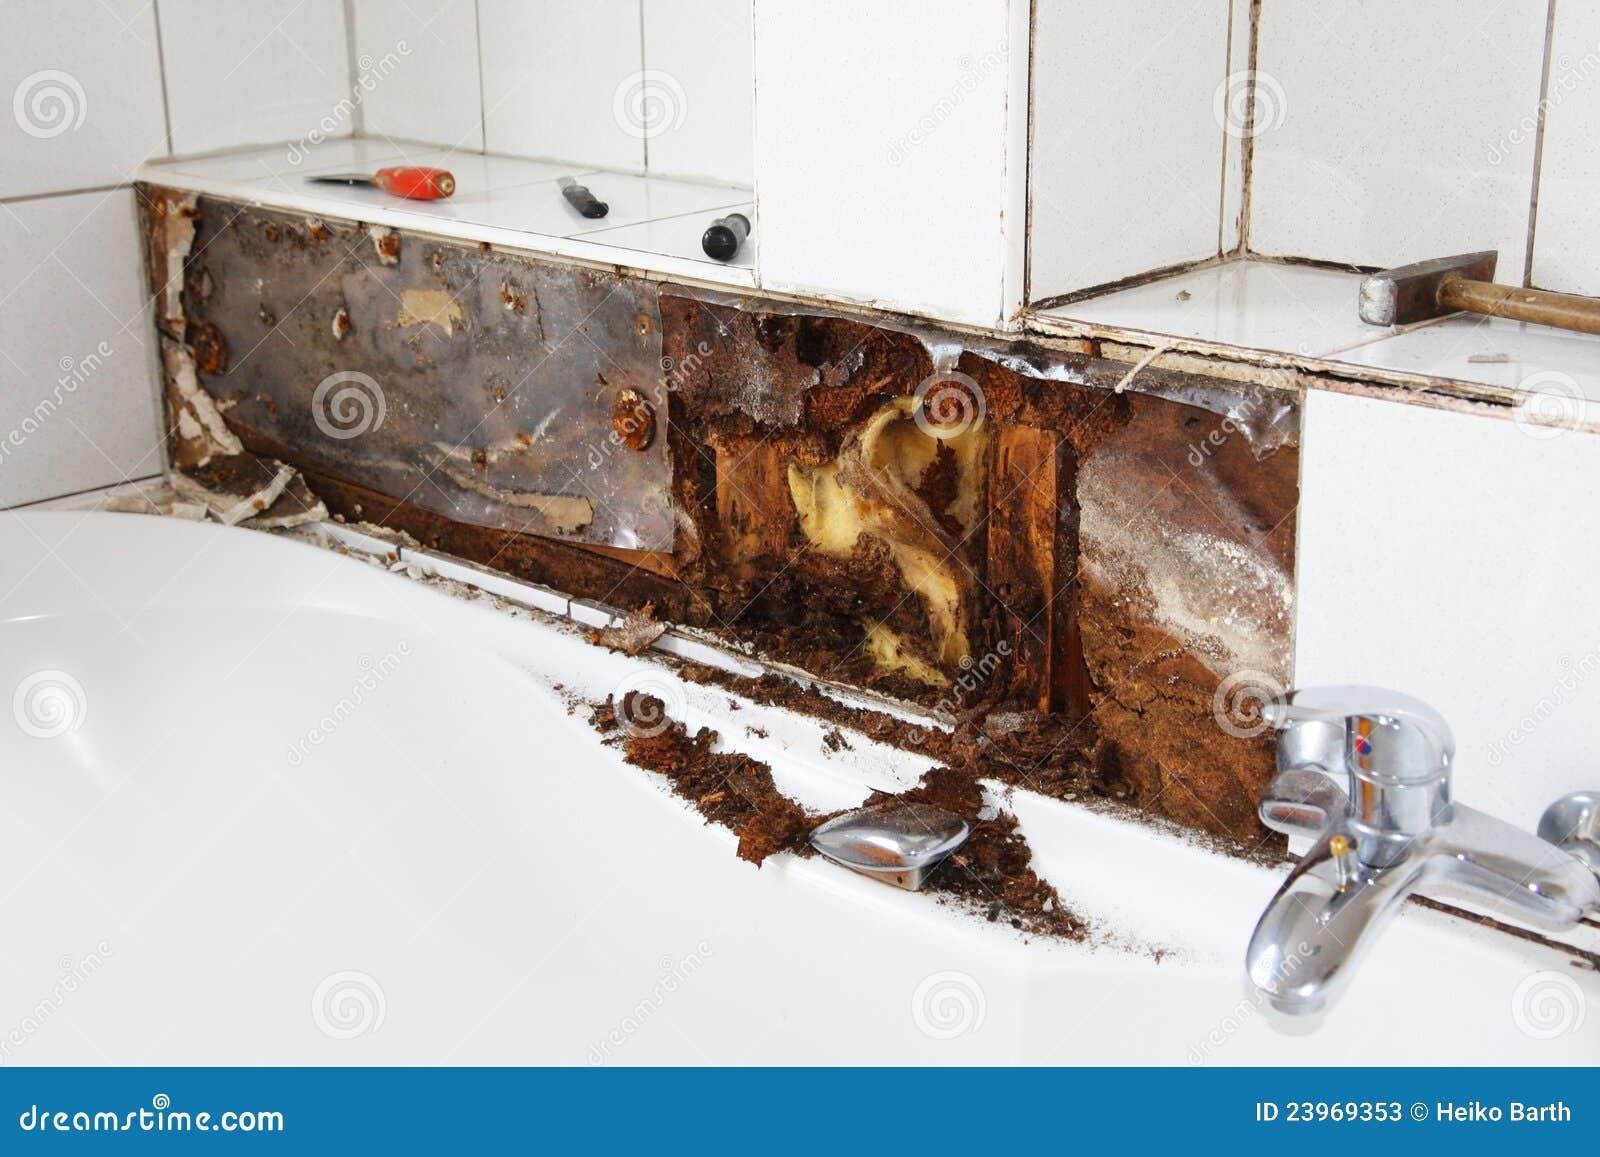 Water damage around the bathtub